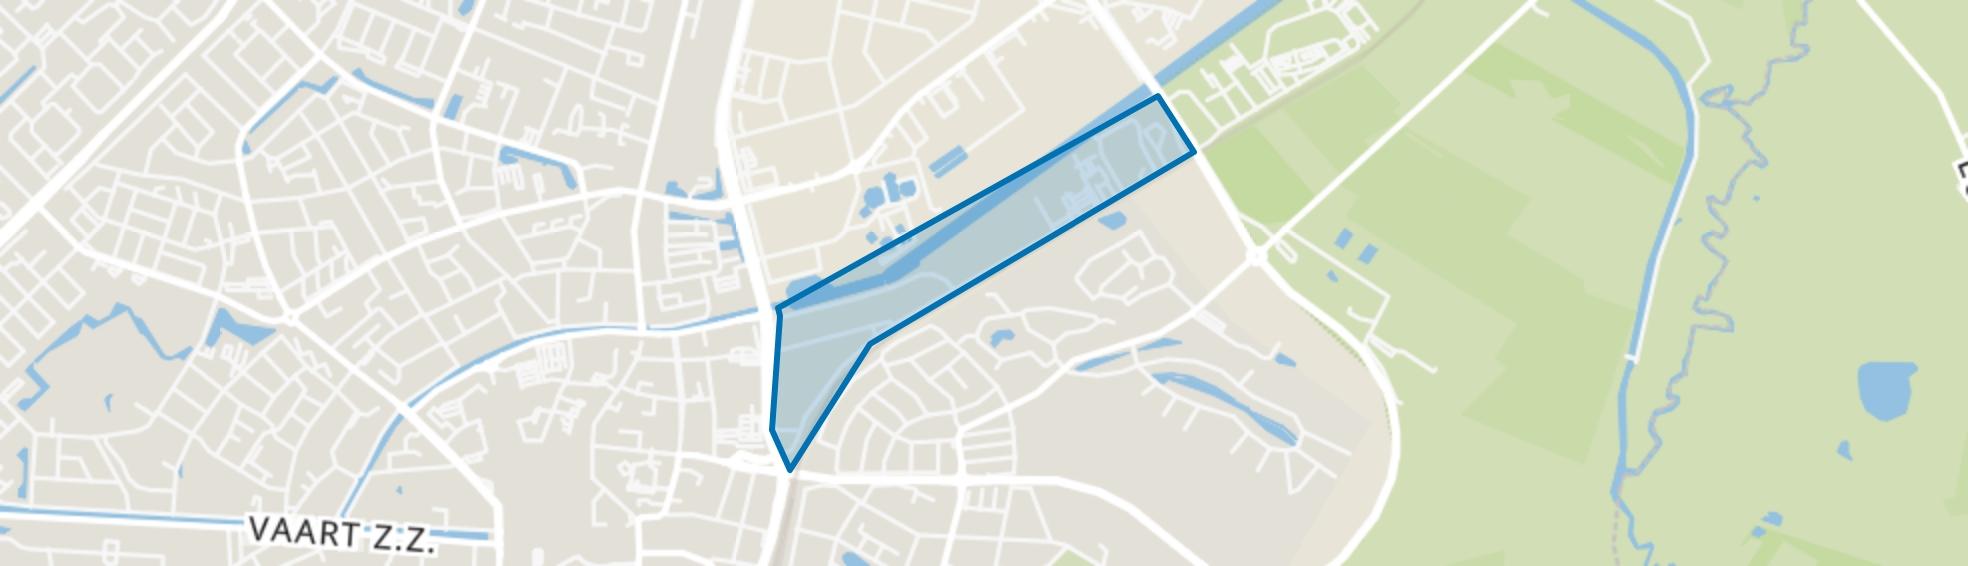 Havenkanaal Zuidzijde, Assen map